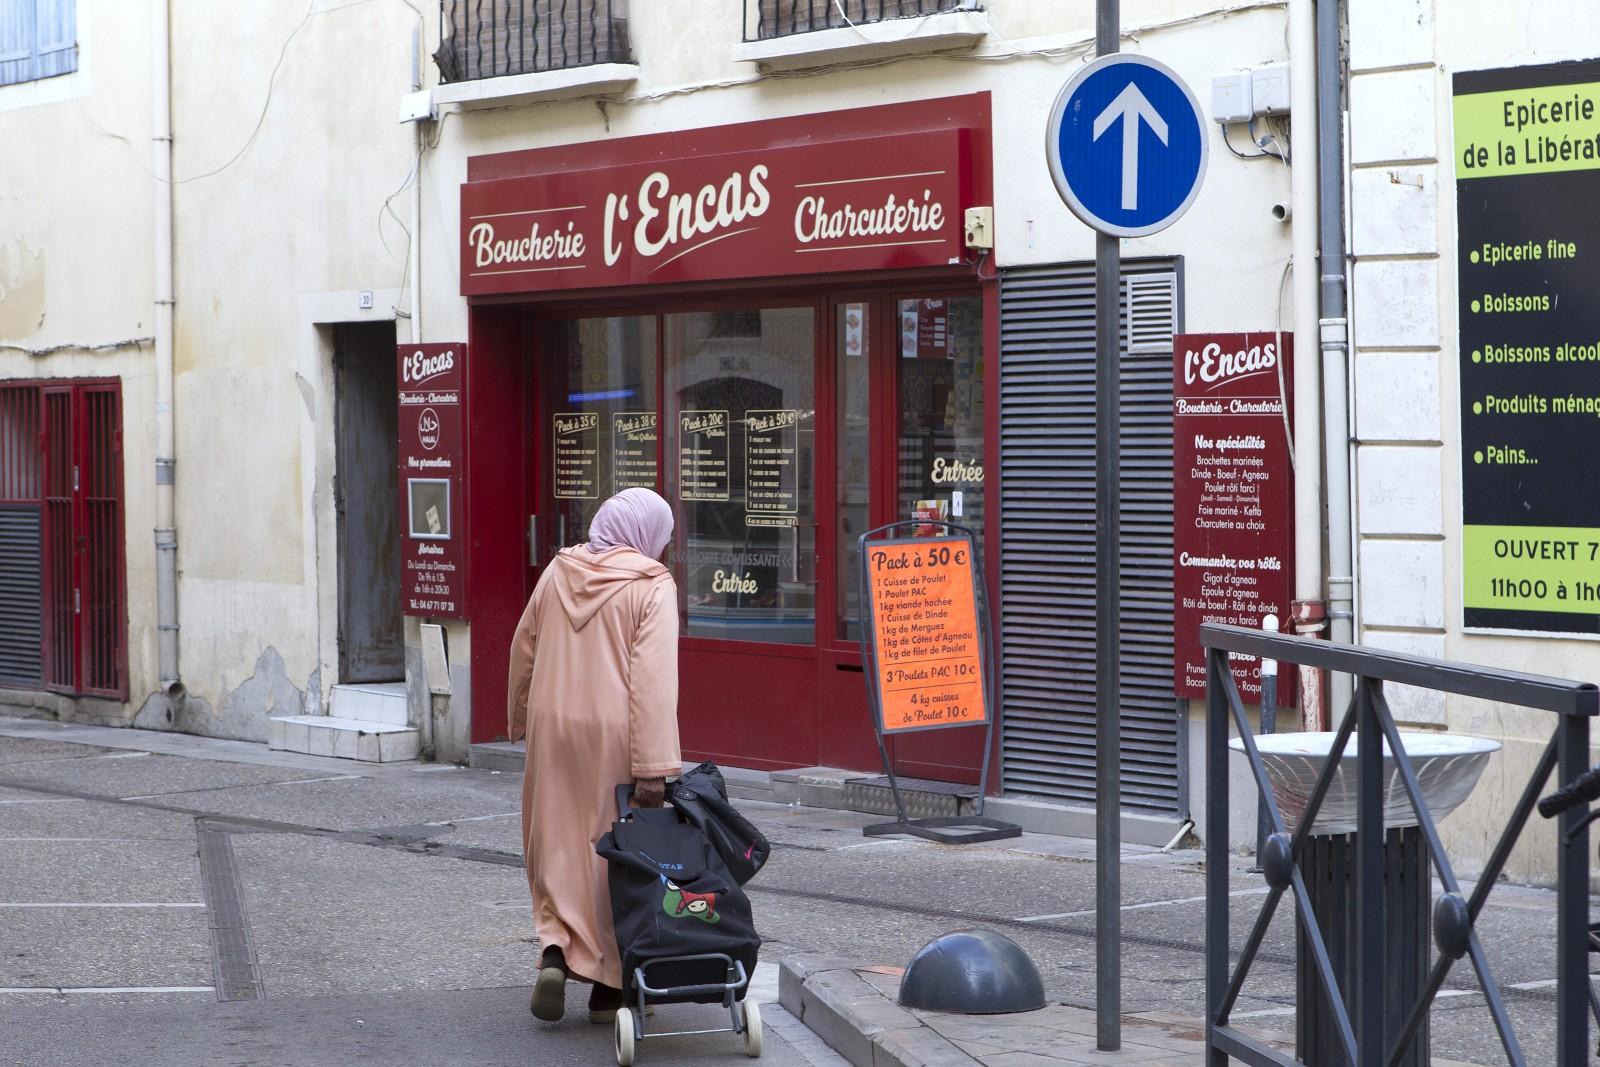 Boucherie Hallal, Lunel. Photo : Guillaume.